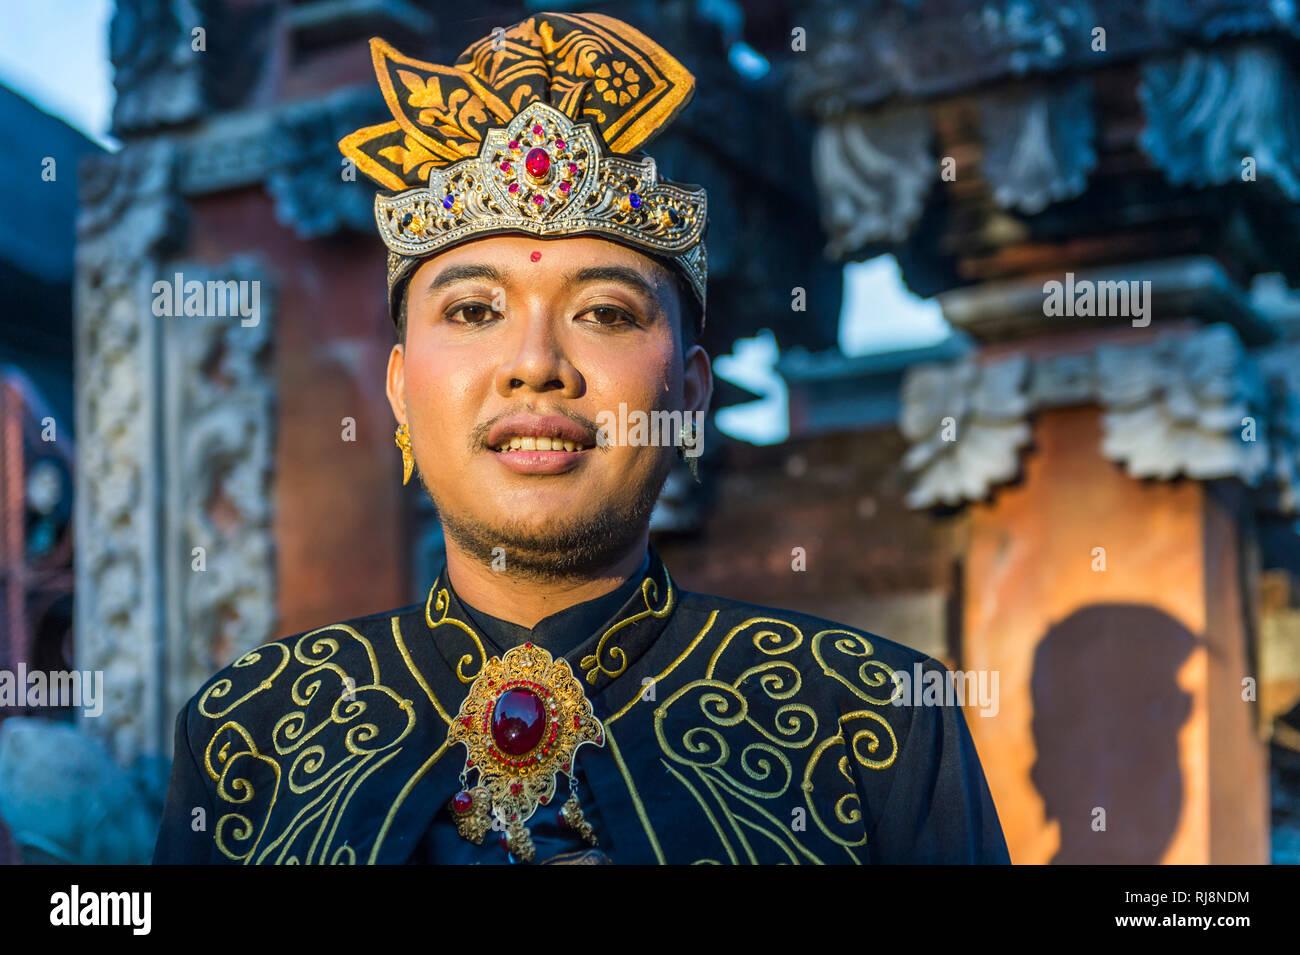 Denpasar, Bali Museum, Bräutigam in festlicher Kleidung, Porträt - Stock Image